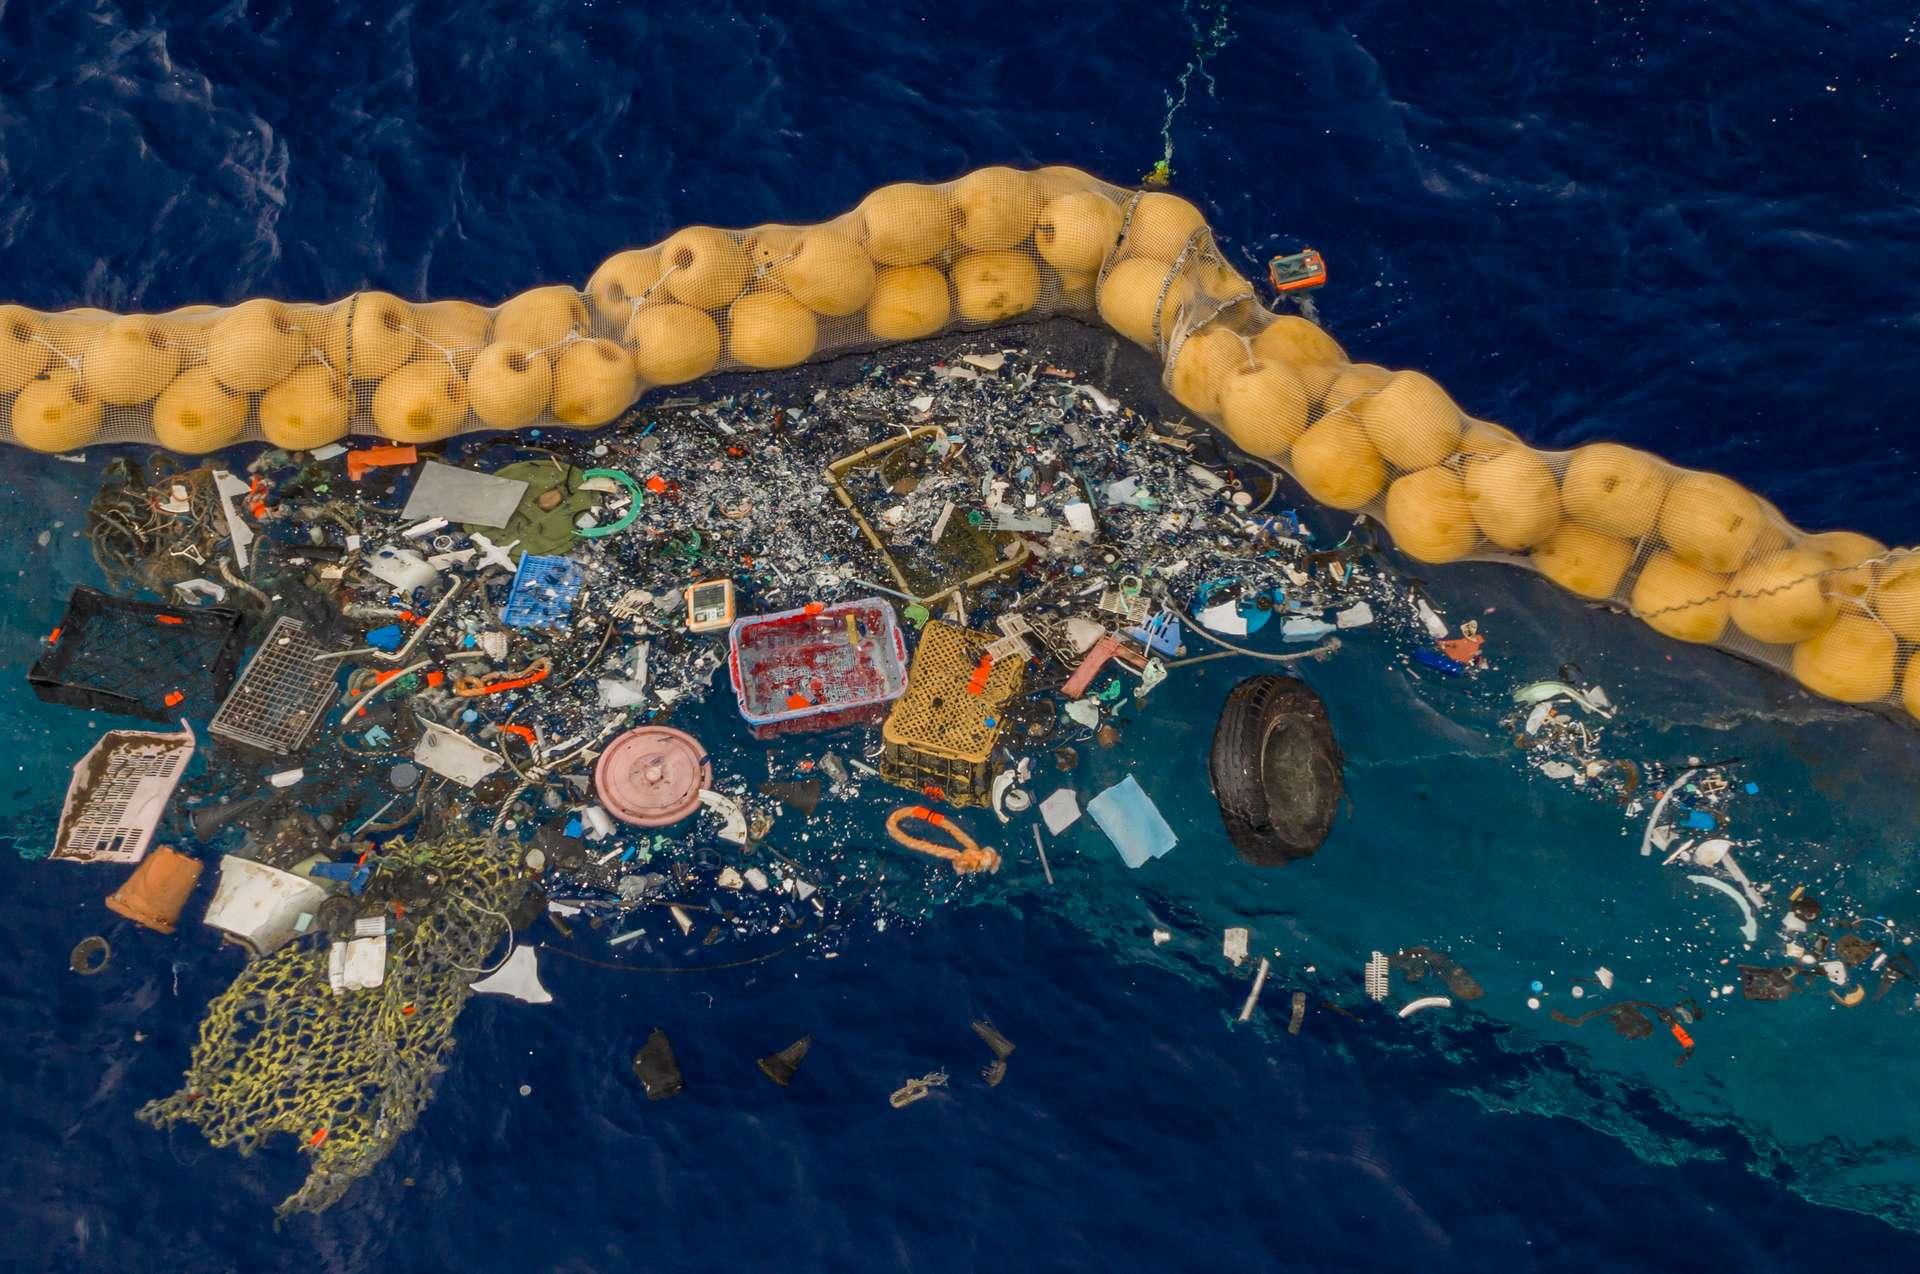 Le Système 001/B retient les déchets plastiques afin qu'ils soient récupérés et recyclés. © The Ocean CleanUp